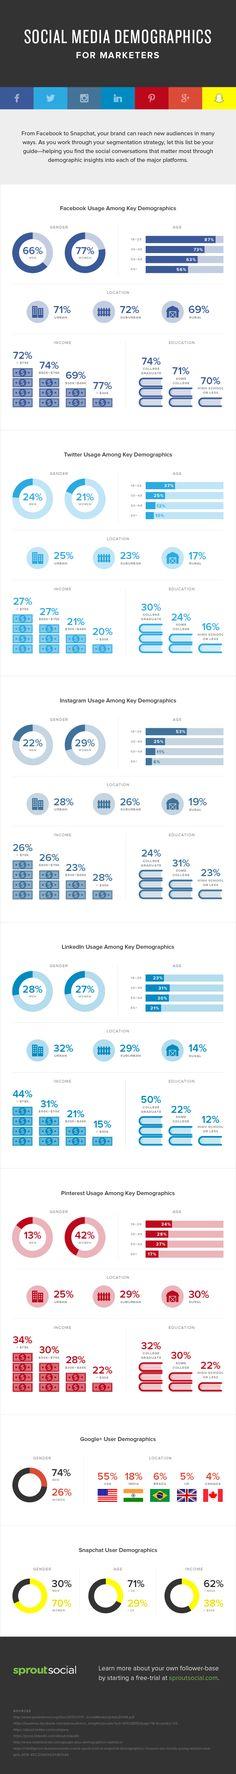 Sur le blog, nous publions régulièrement les statistiques d'usage des principaux réseaux sociaux. Nous pensons qu'il s'agit de ressources utiles pour les p